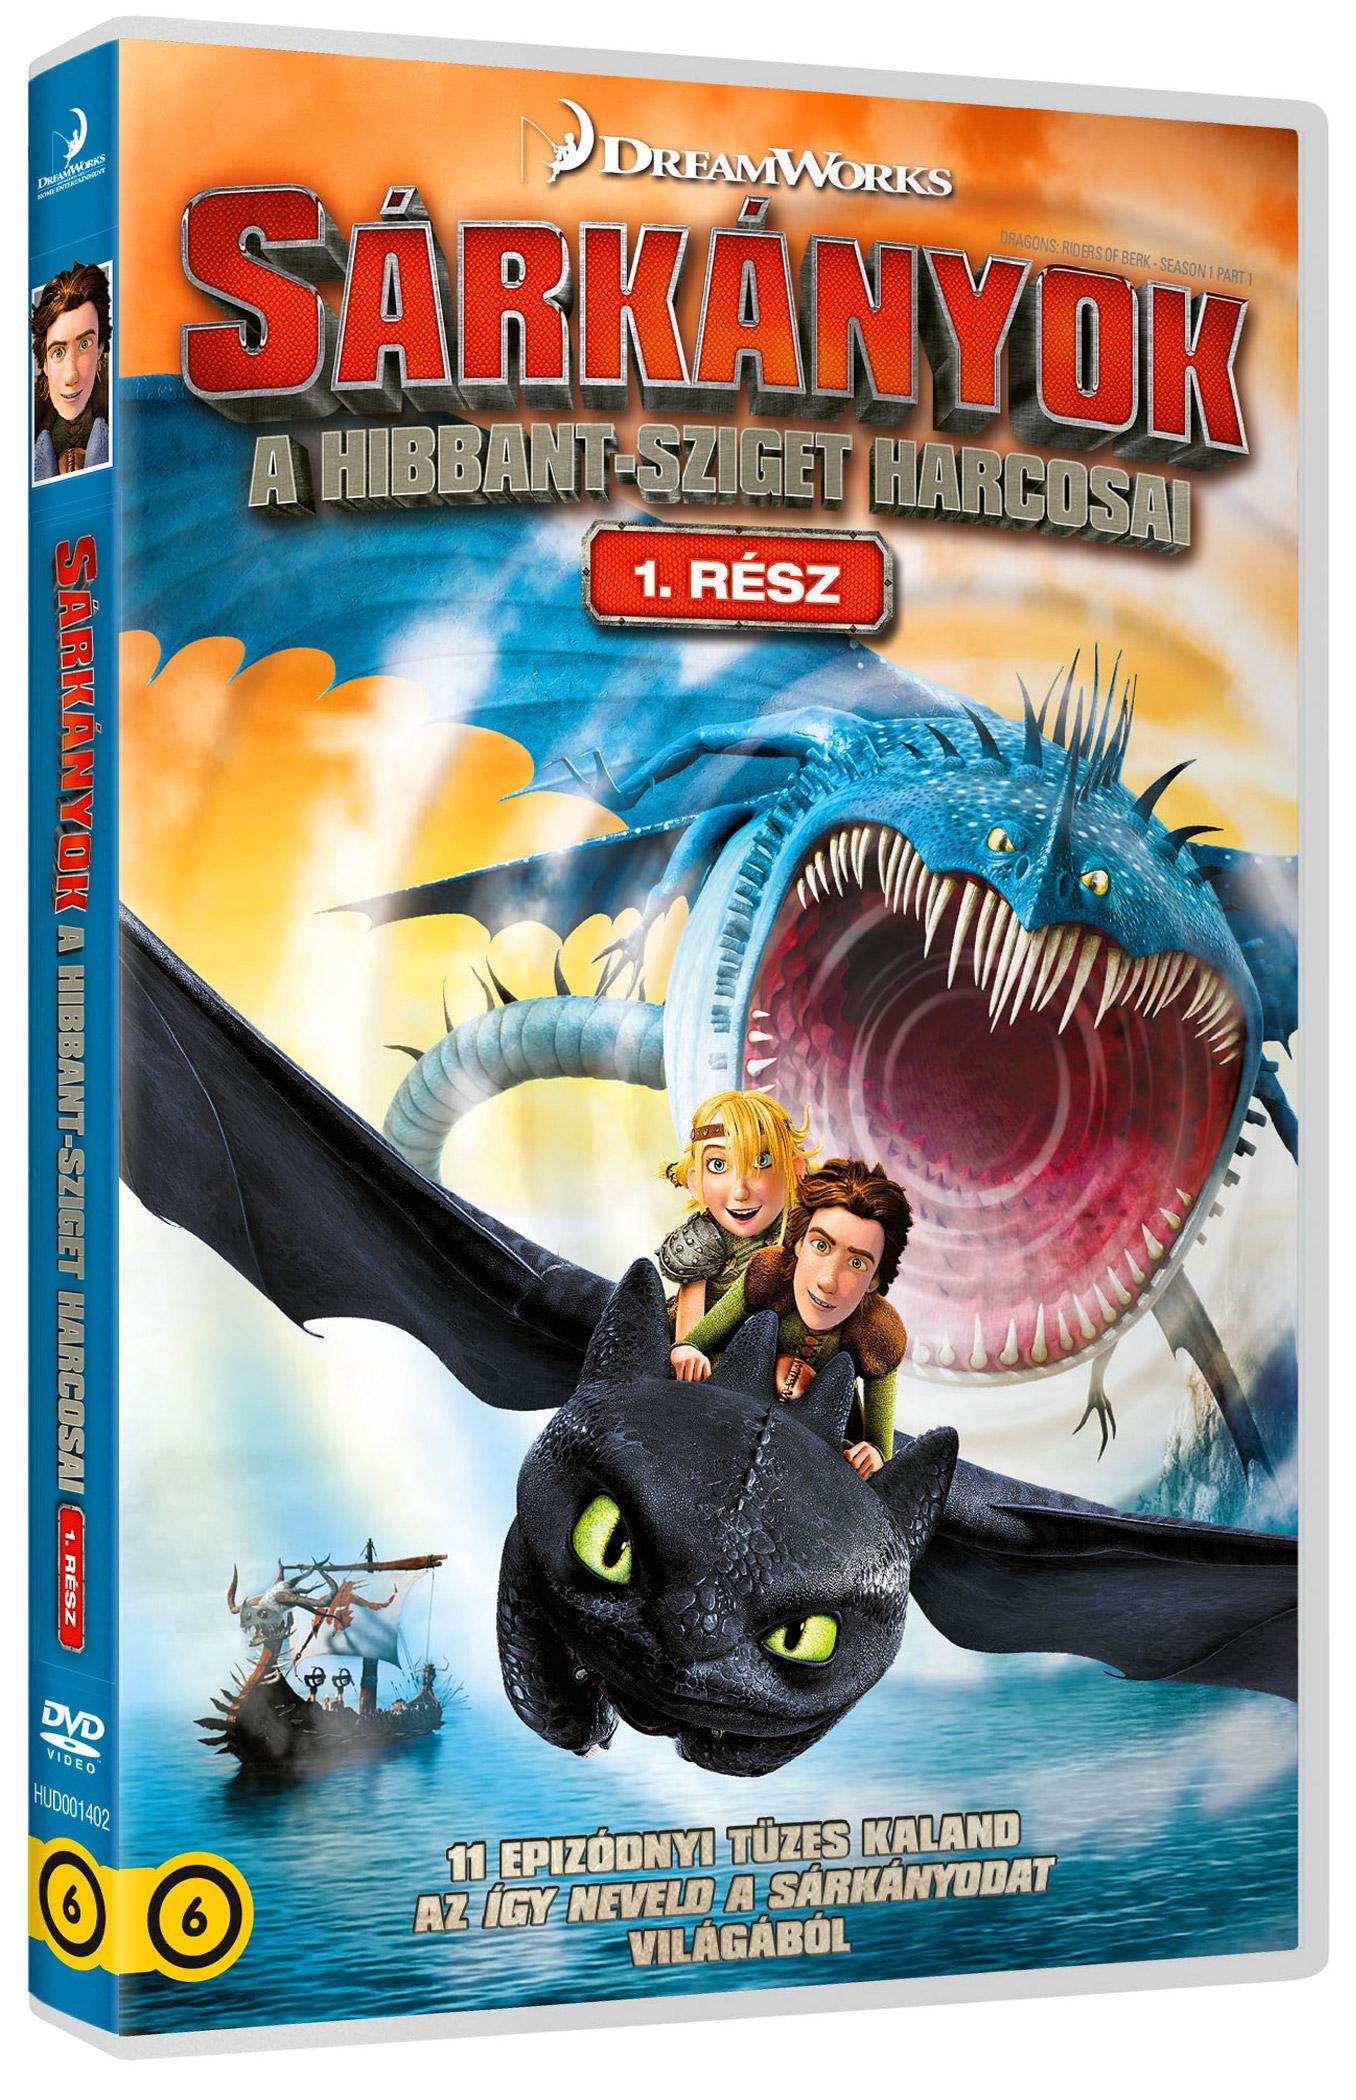 Sárkányok: A Hibbant-sziget harcosai - 1. rész (2 DVD) DVD